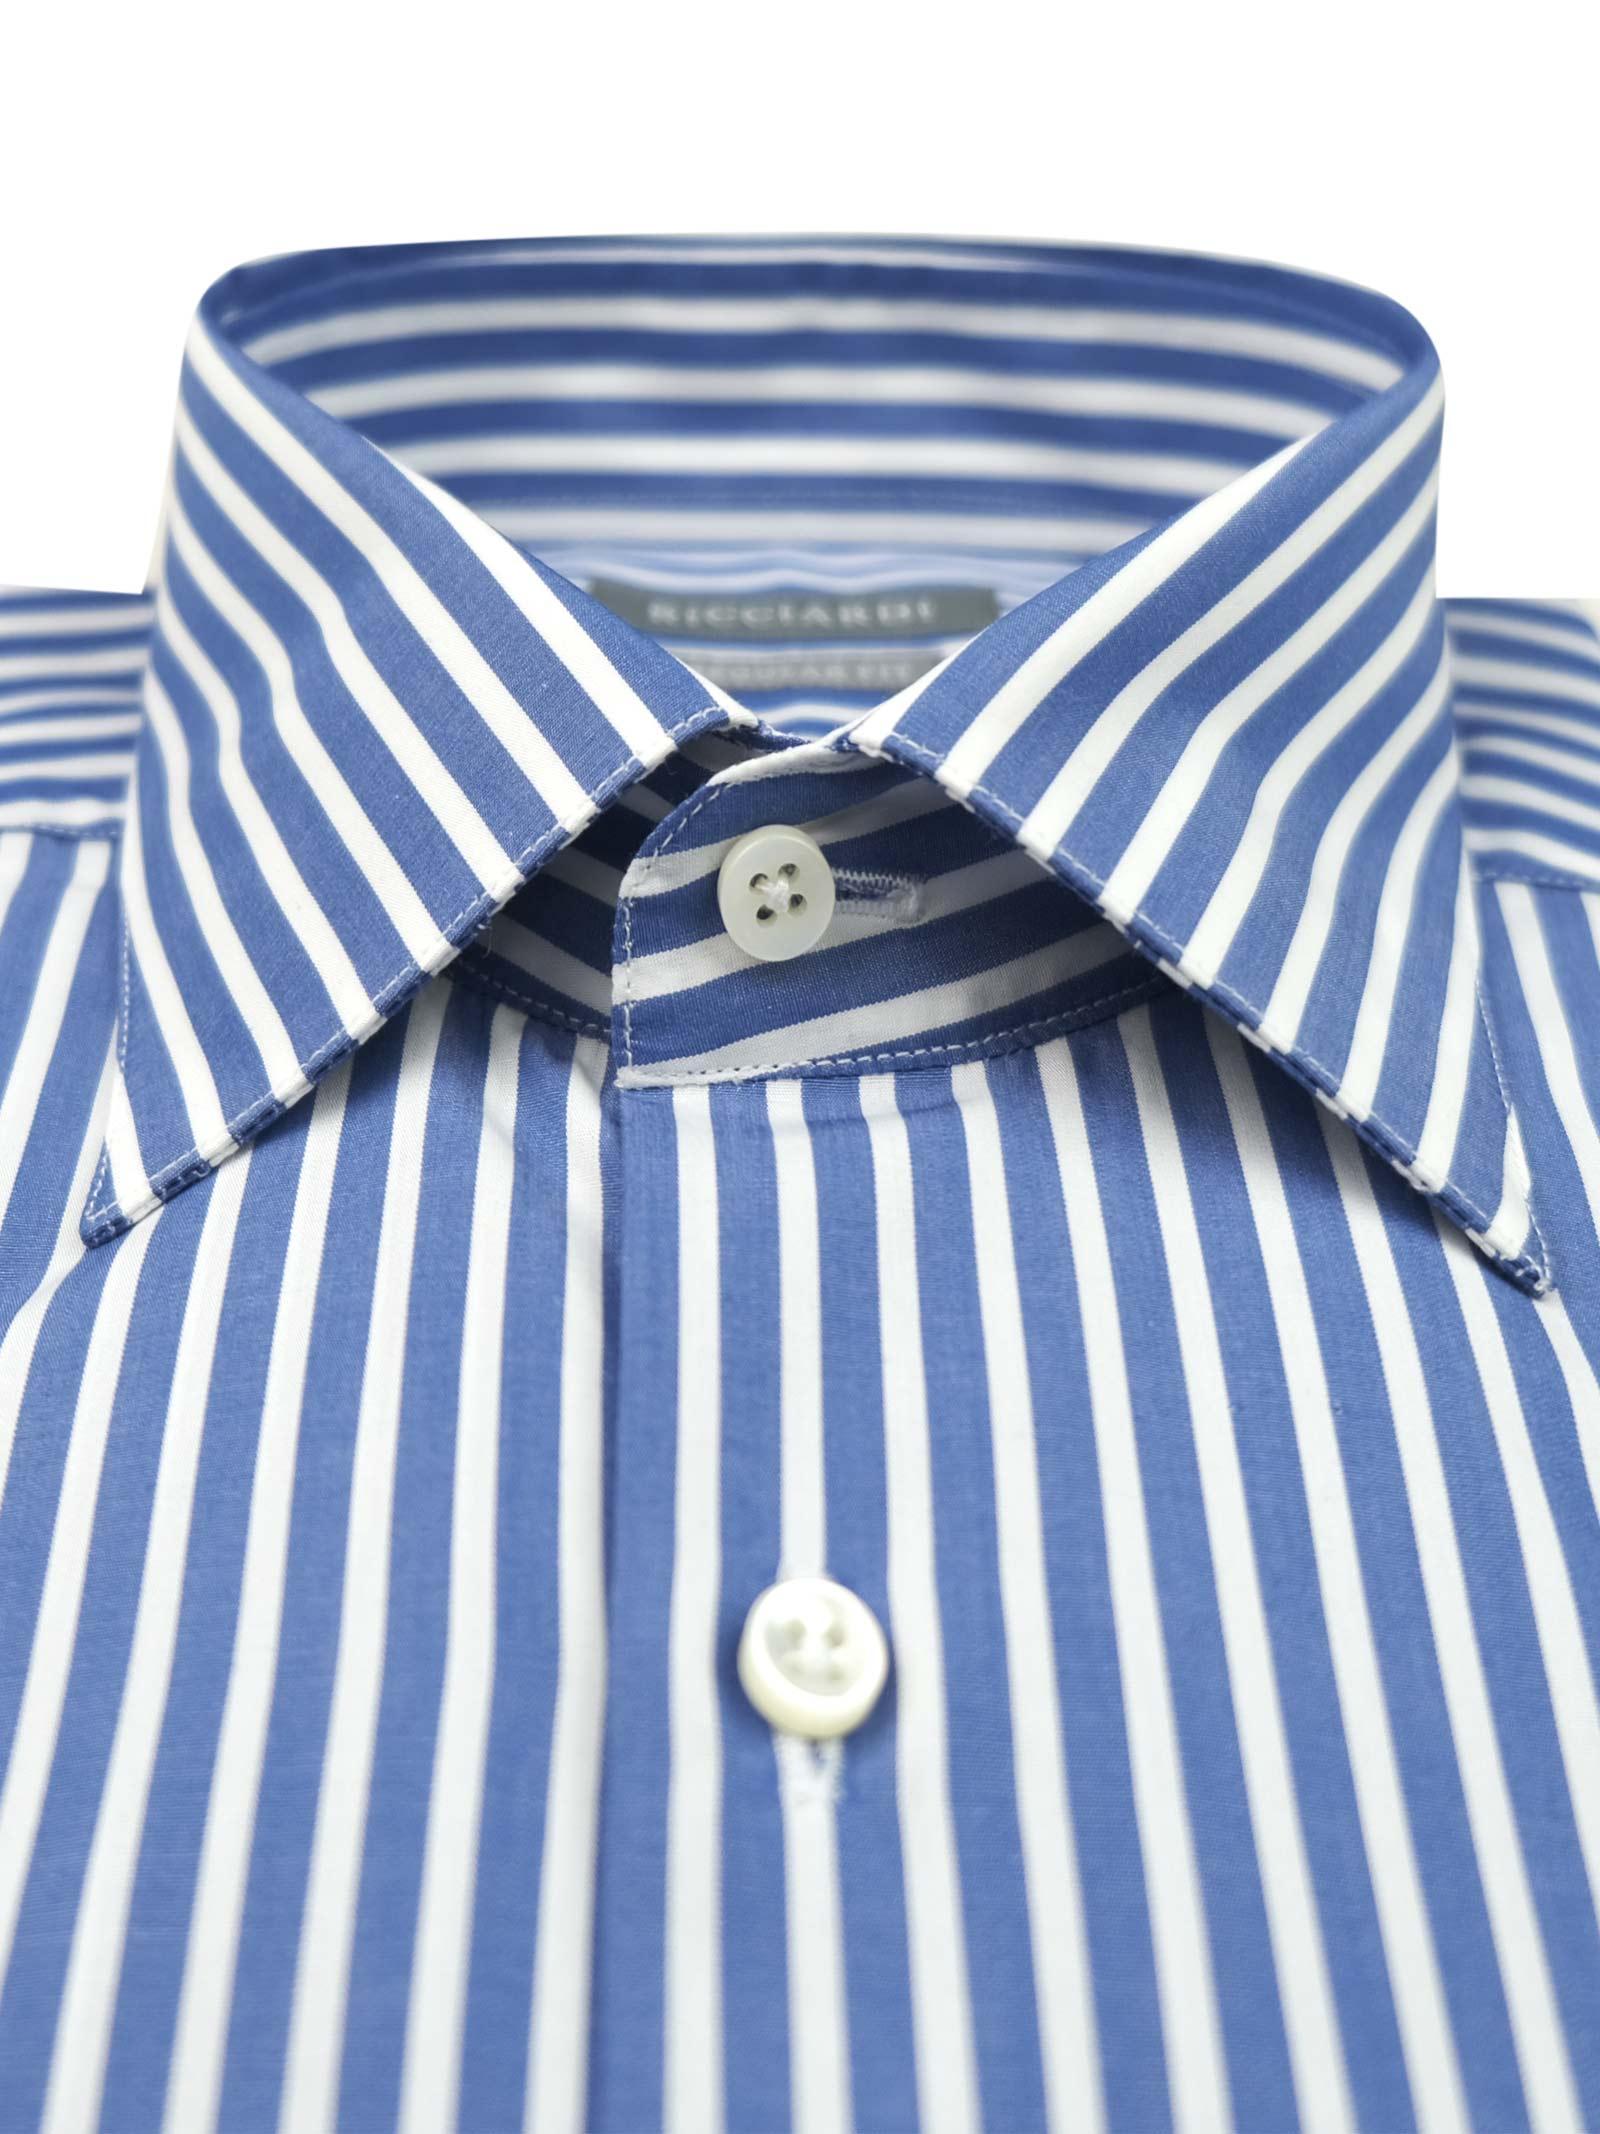 RICCIARDI   Shirts   AREDR044